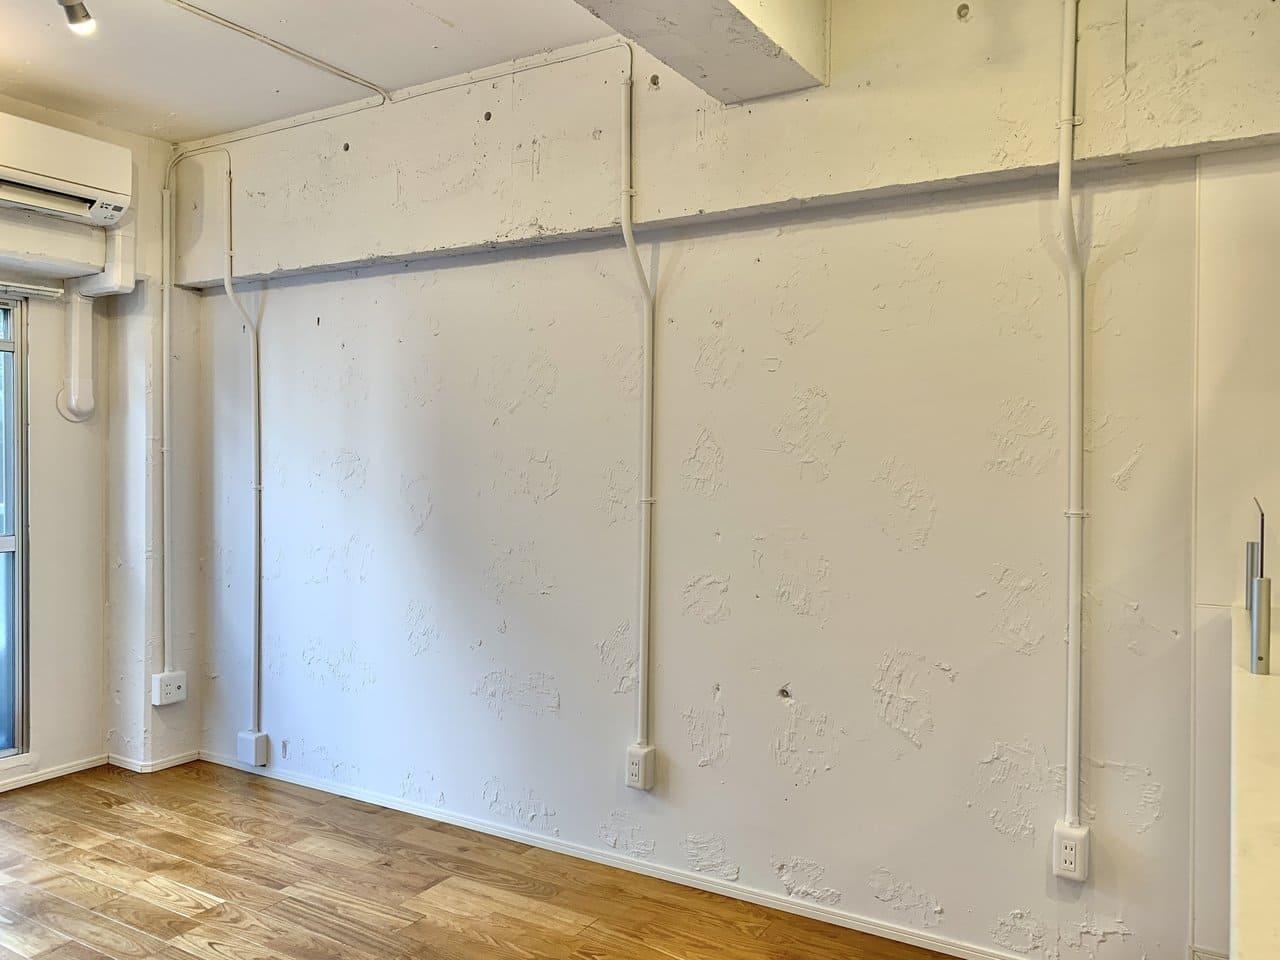 壁はあえて塗装跡を残し、味のある質感に。配線もむき出しになっていてラボのようなかっこよさを感じられますね。